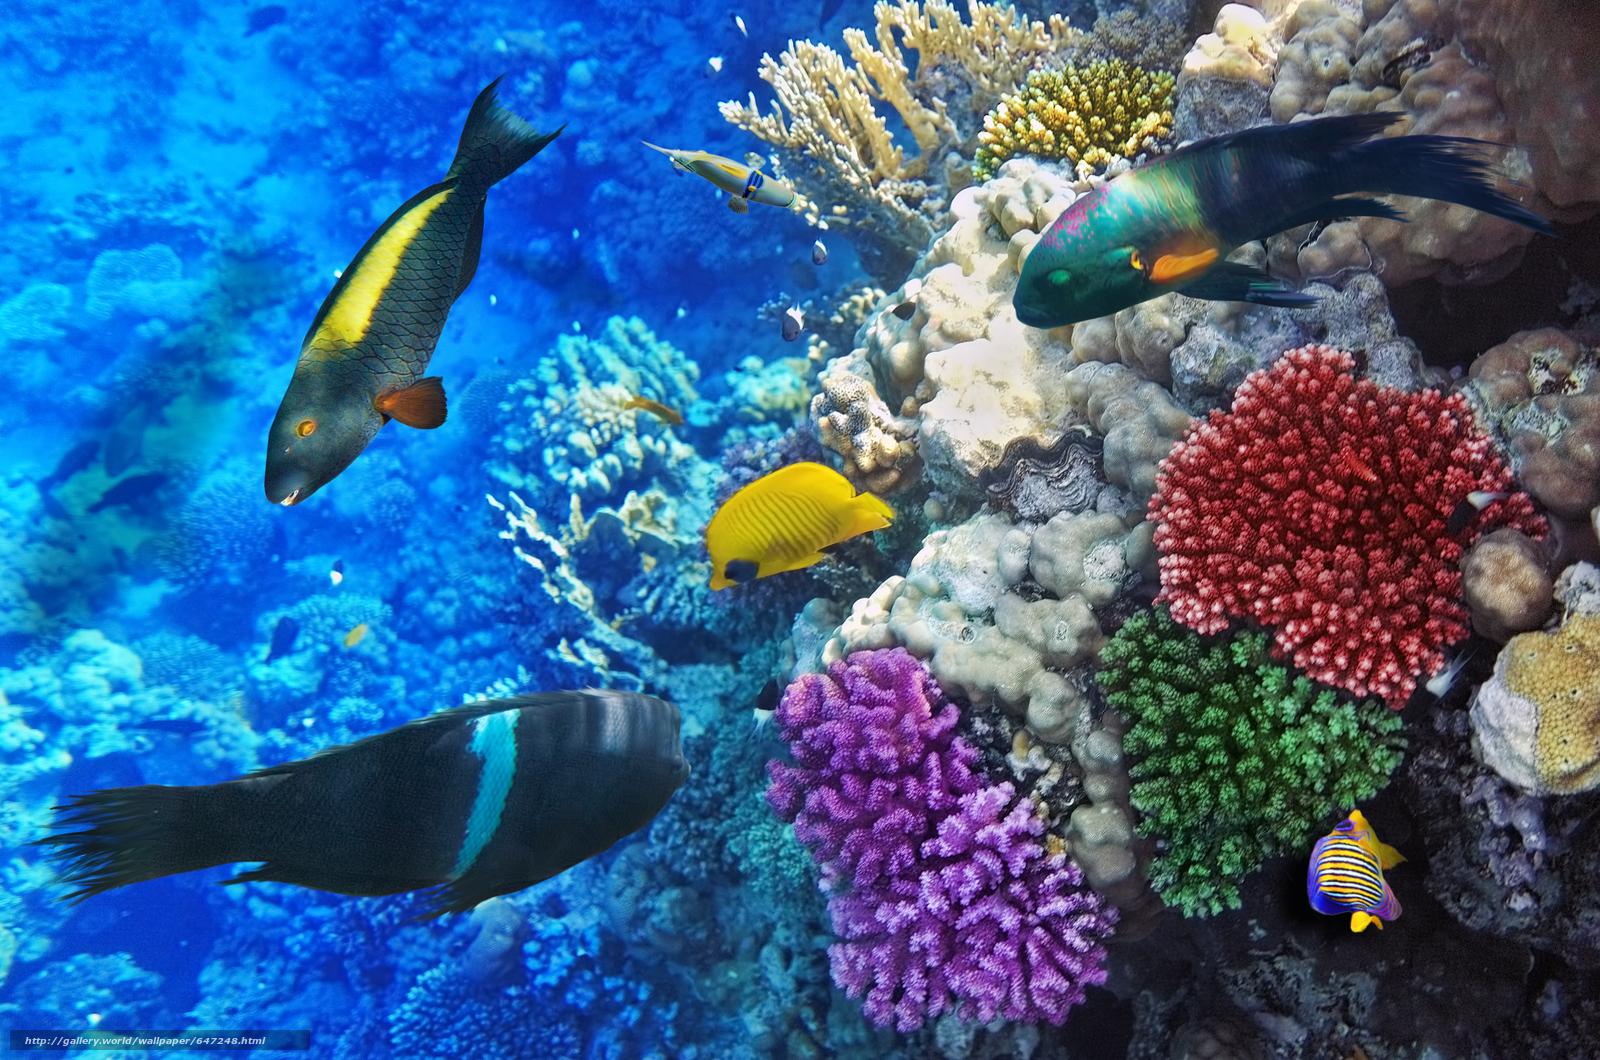 Скачать обои море,  морское дно,  рыбы,  природа бесплатно для рабочего стола в разрешении 4000x2650 — картинка №647248